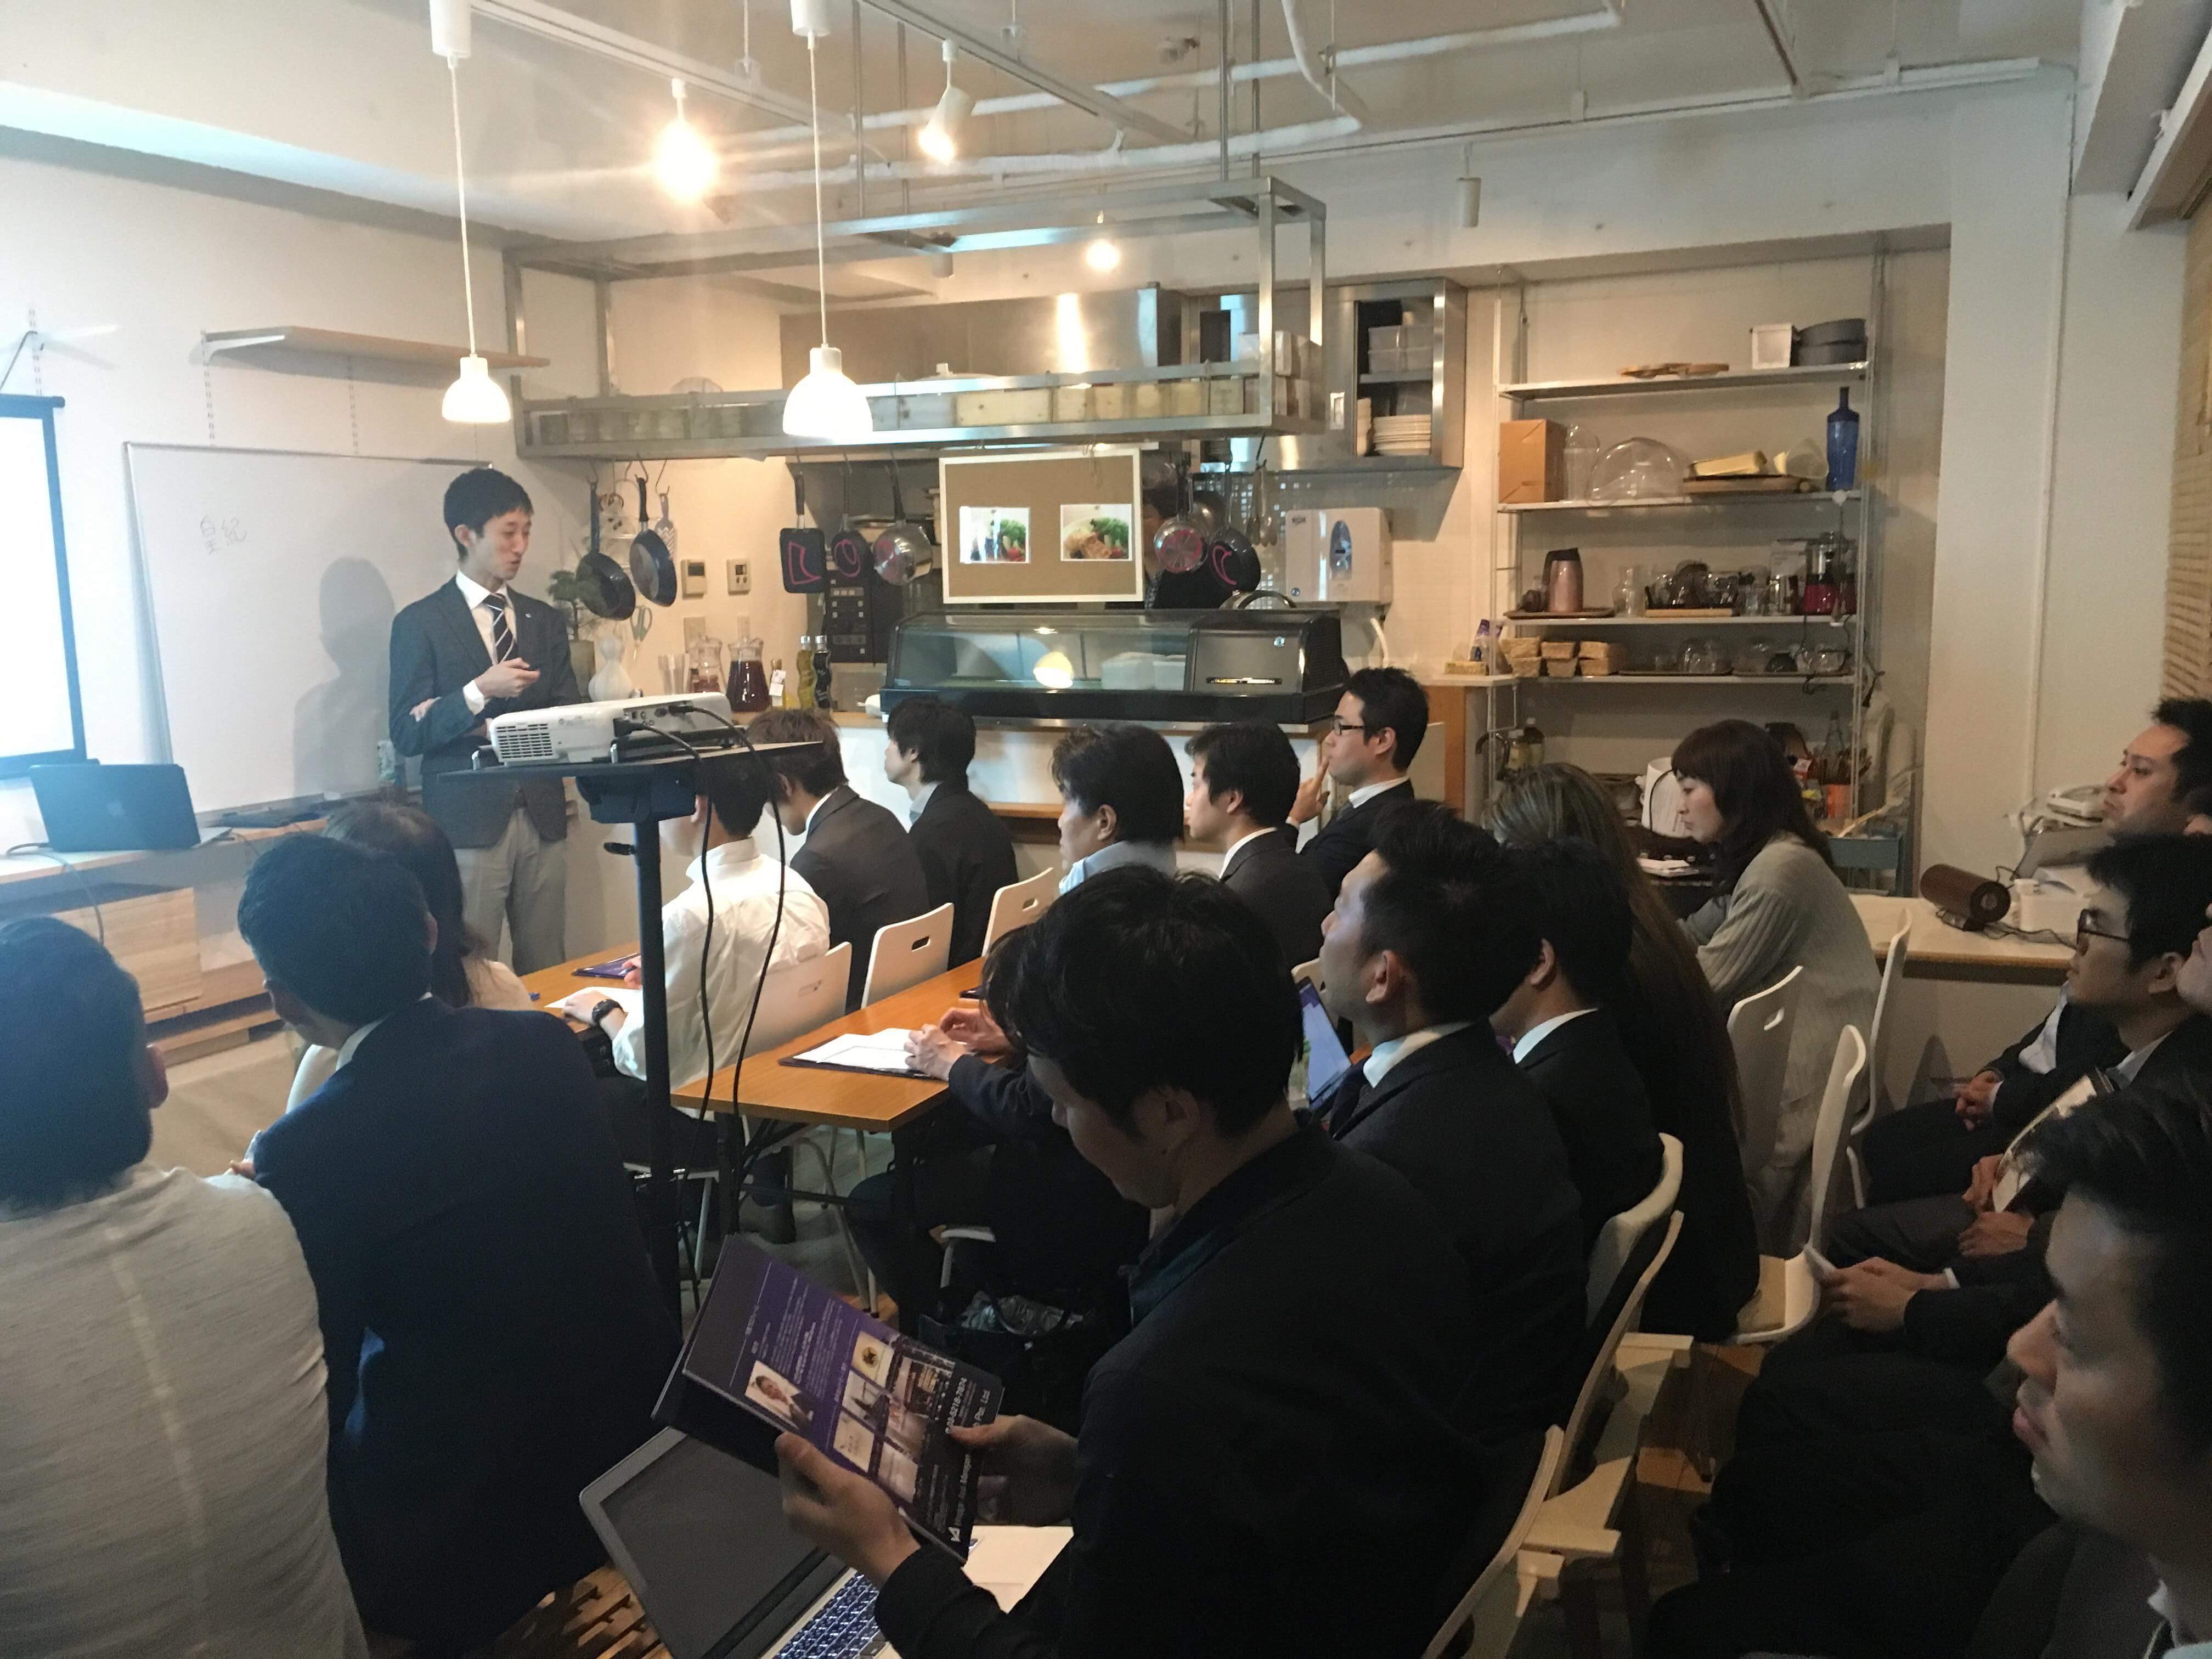 2018年4月17日 JC国際ビジネス勉強会にて講演